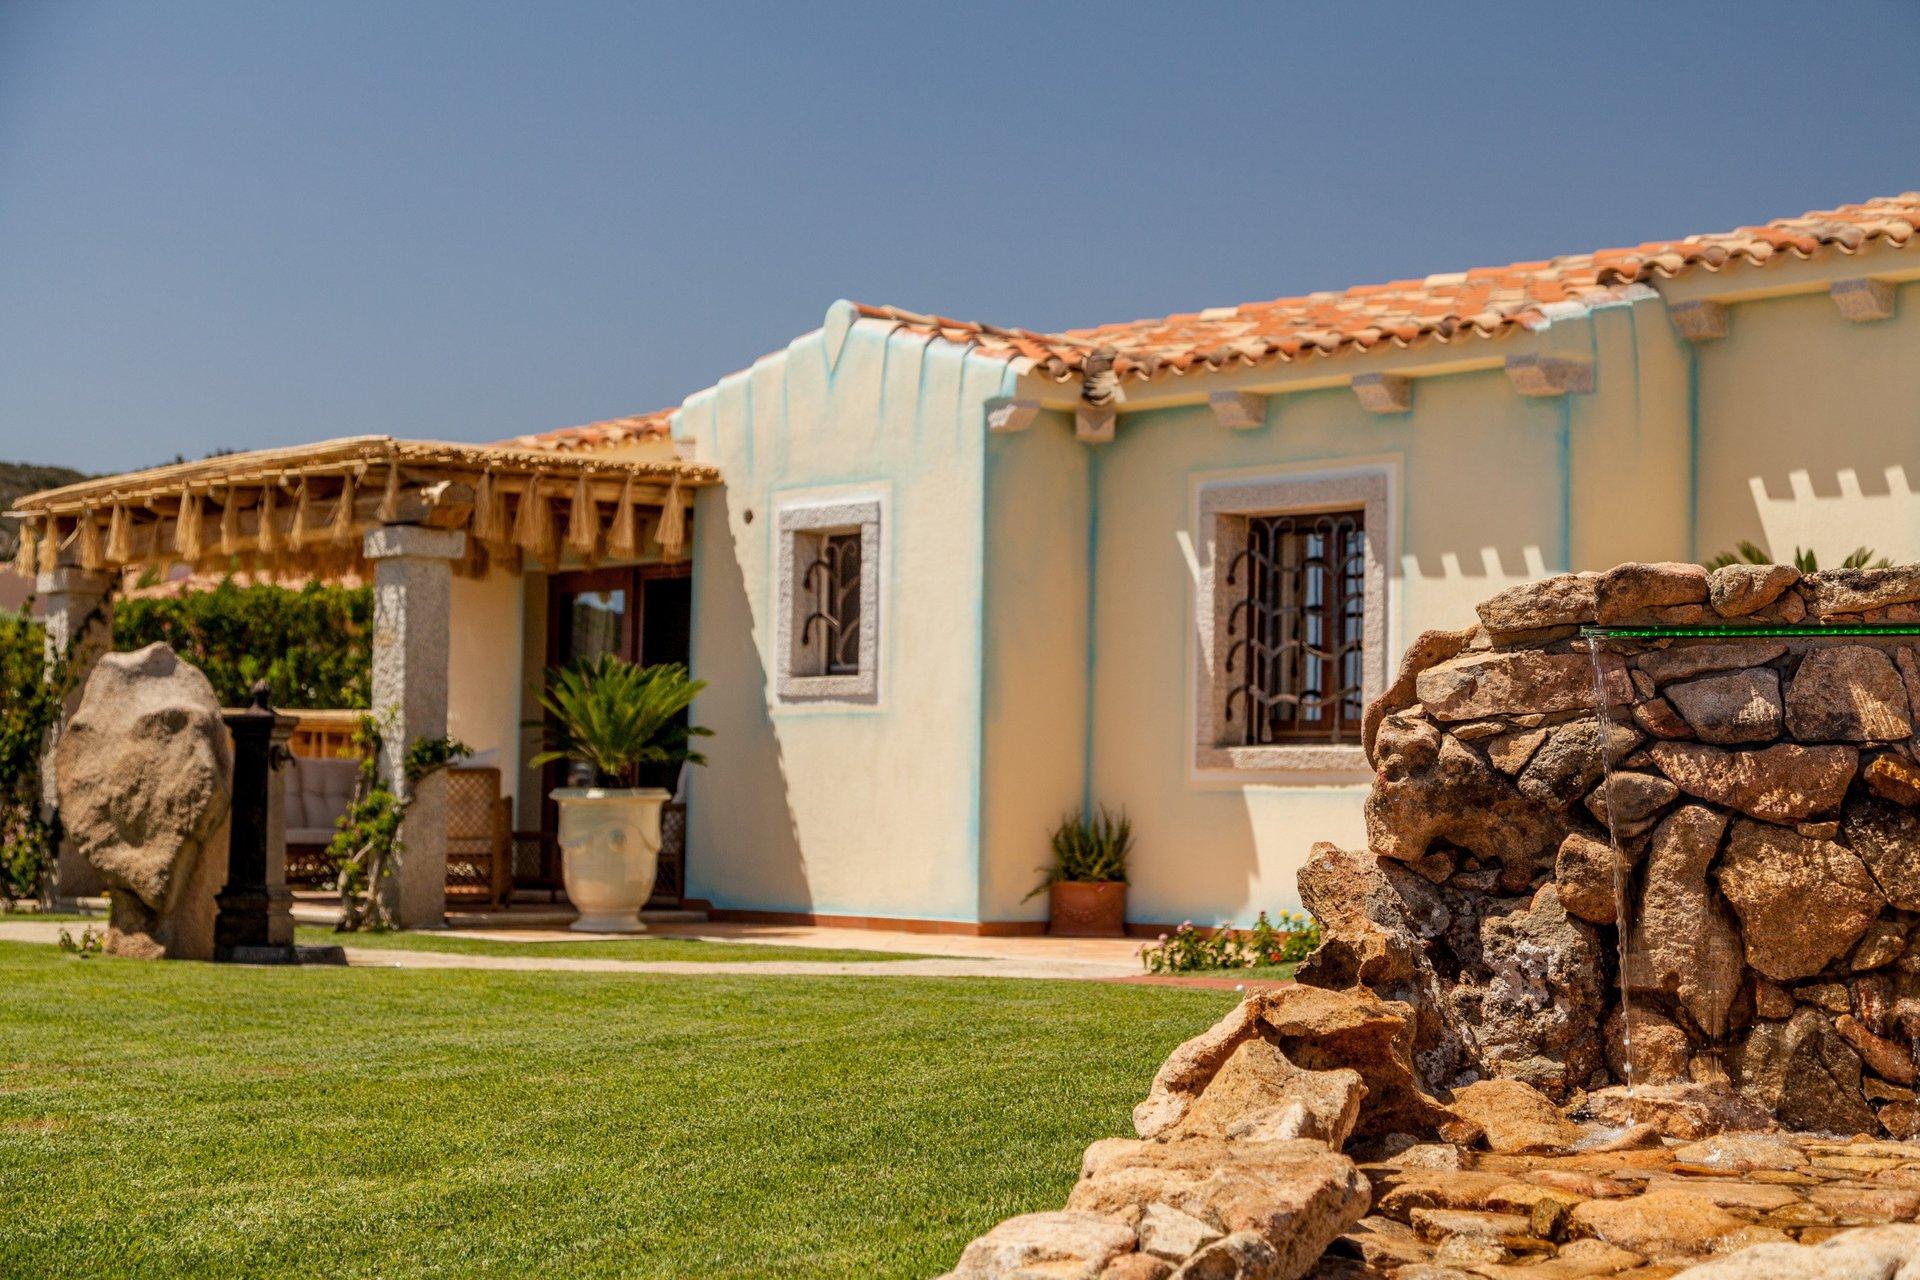 Hotel sul mare san teodoro hotel costa caddu for San teodoro appartamenti sul mare